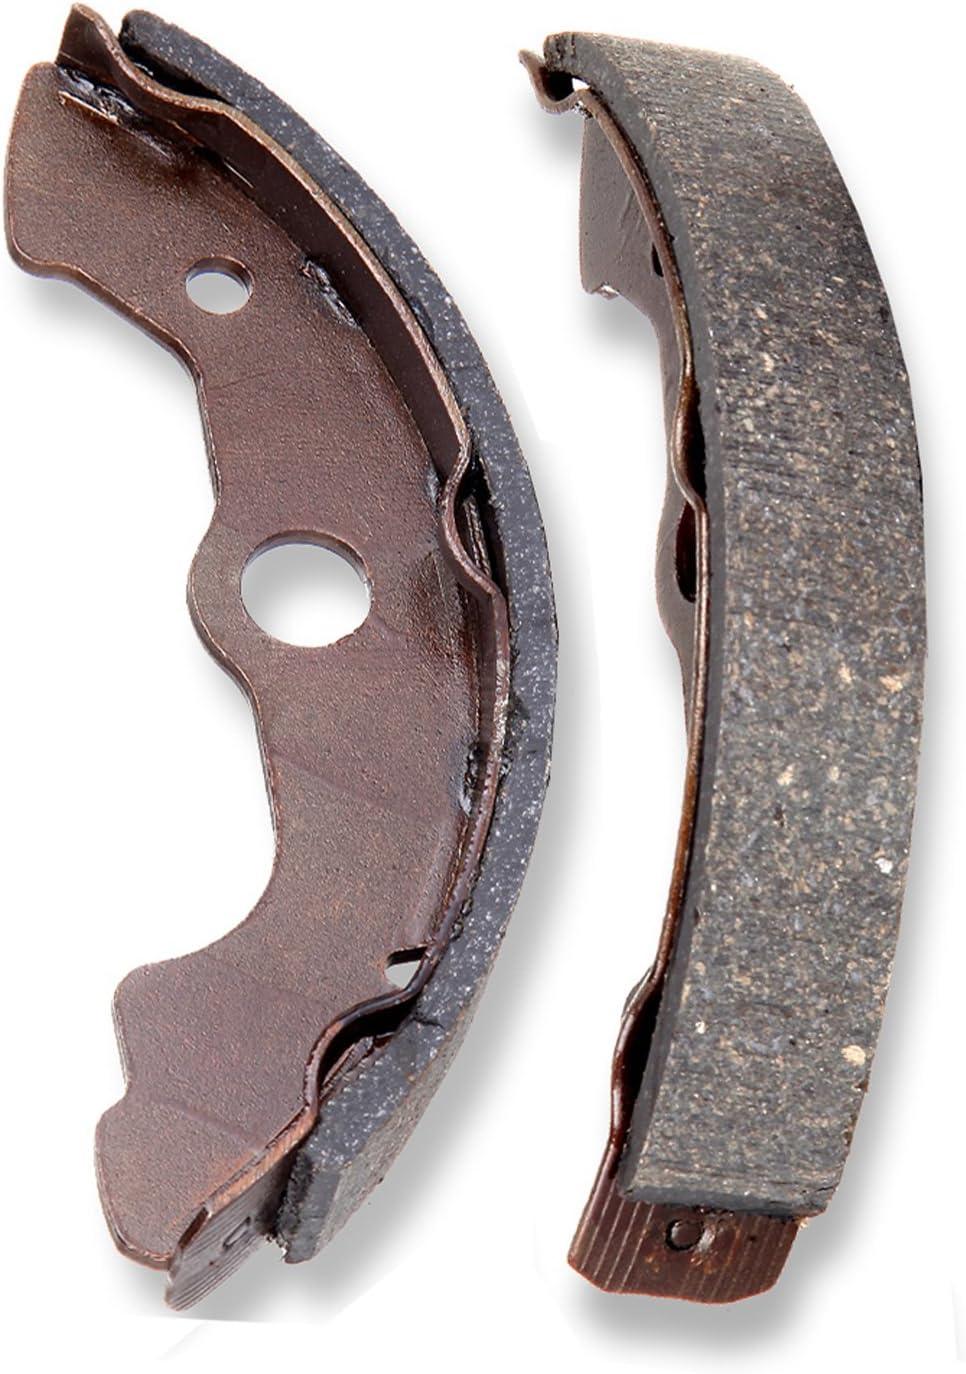 TUPARTS Front and Rear Brake Shoes 347 351 Fit for 1998-2004 Honda Foreman 450 2000-2006 Honda Rancher 350 2004-2007 Honda Rancher 400